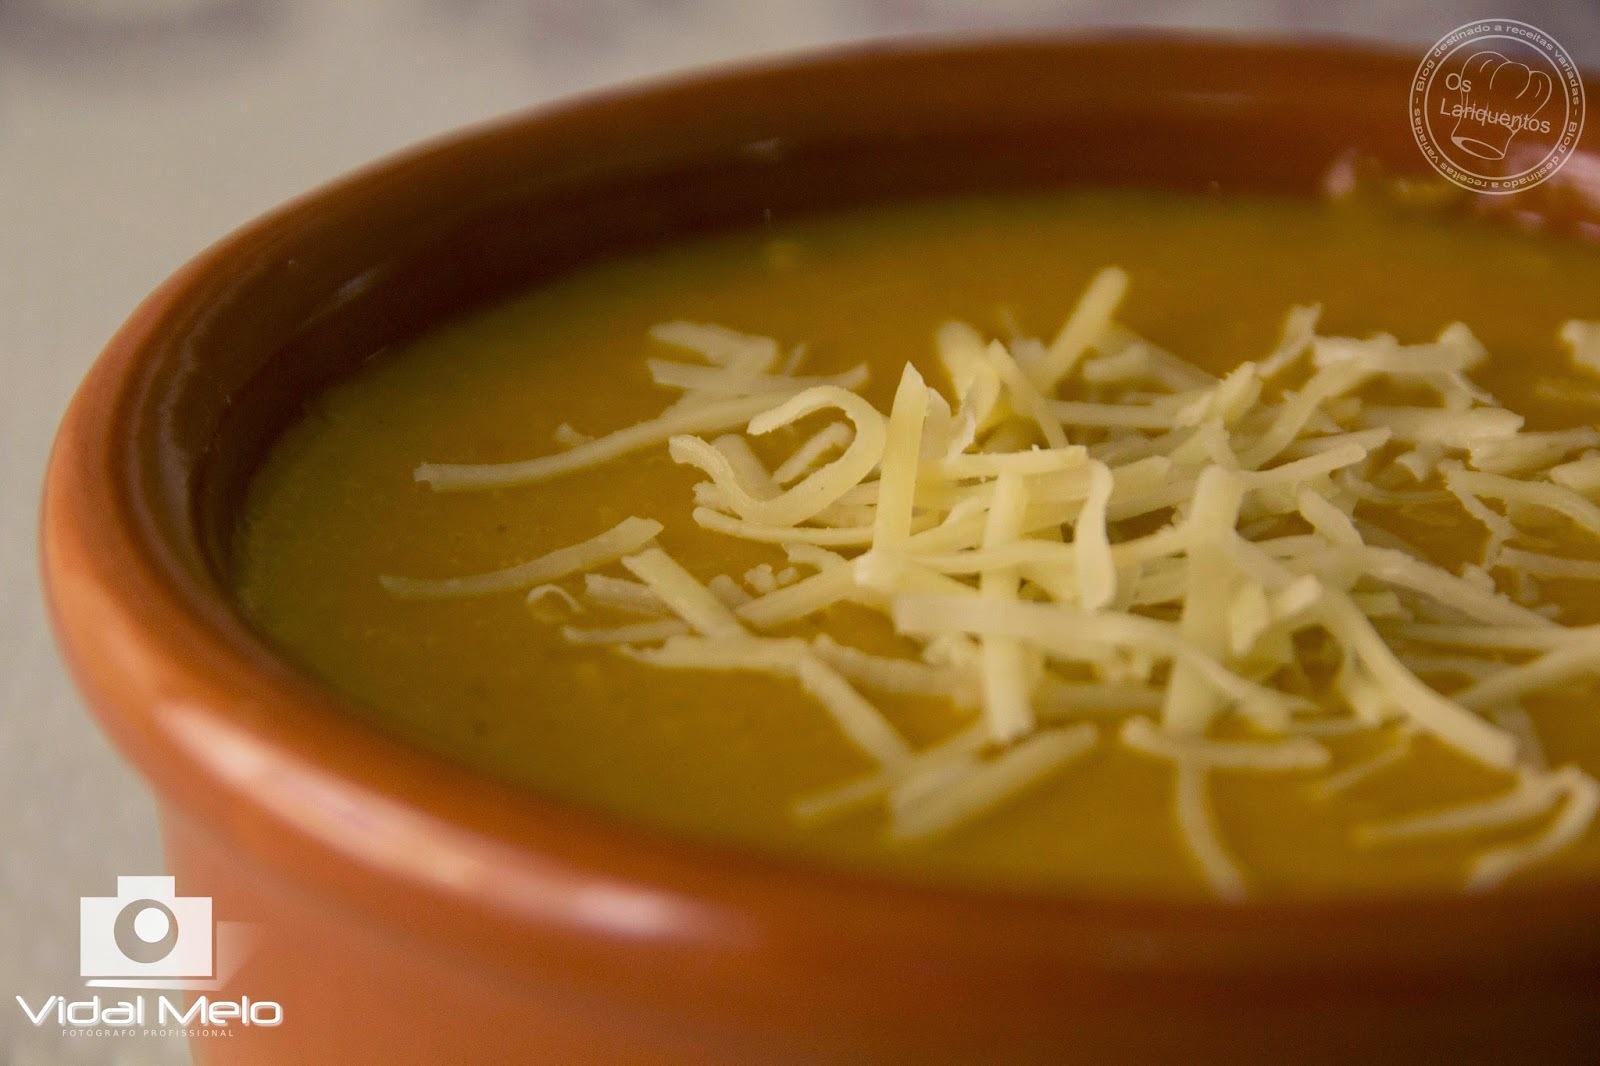 Sopa de abóbora com aveia e requeijão